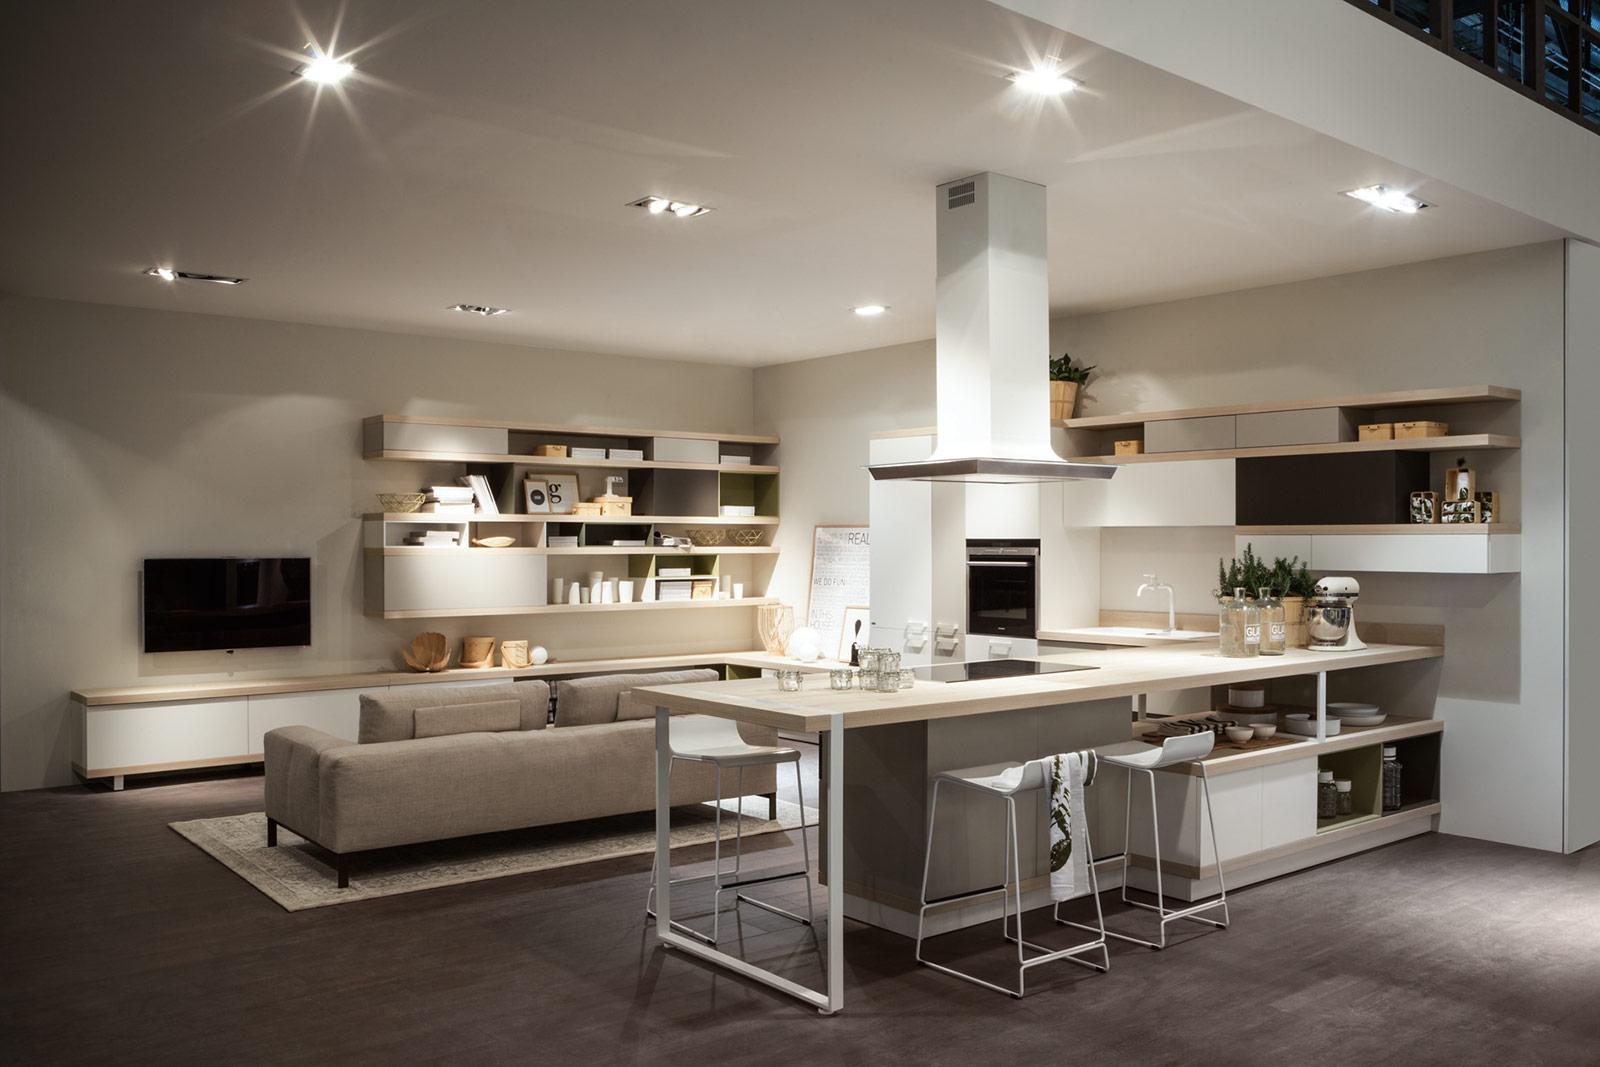 Idee Ristrutturazione Cucina Soggiorno idee e consigli per sistemare casa